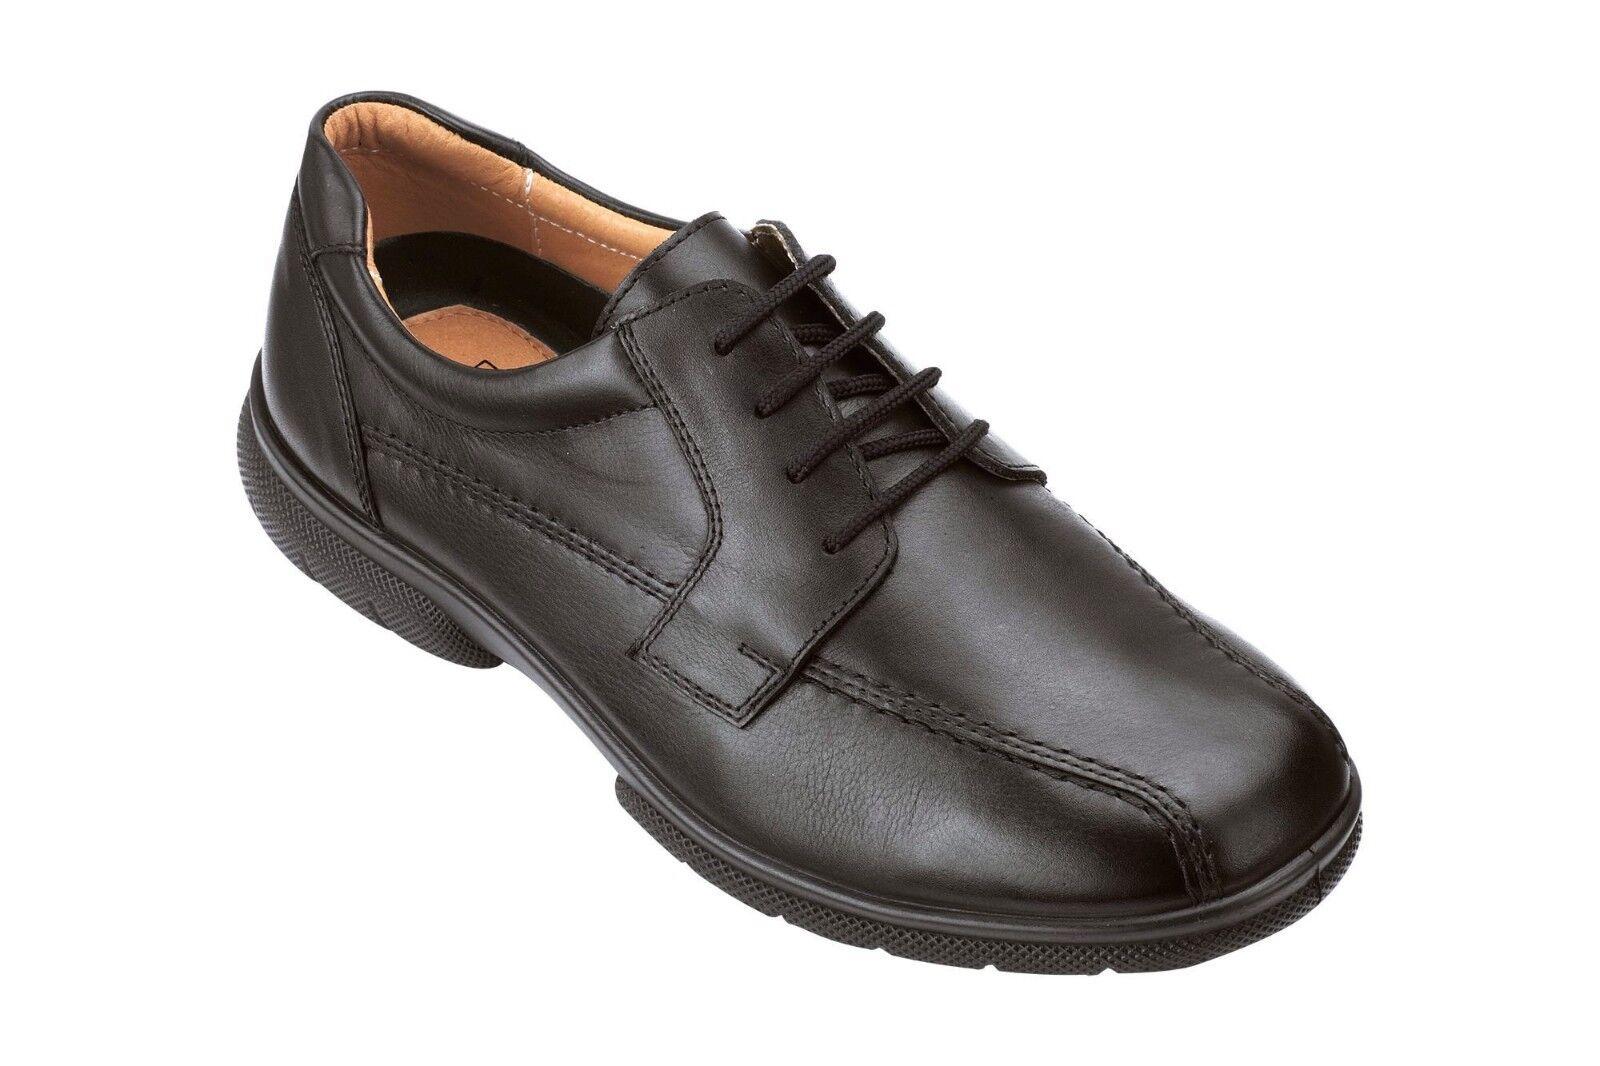 Nuovo nero scarpe nike air max 90 ultra plush donna sbocco